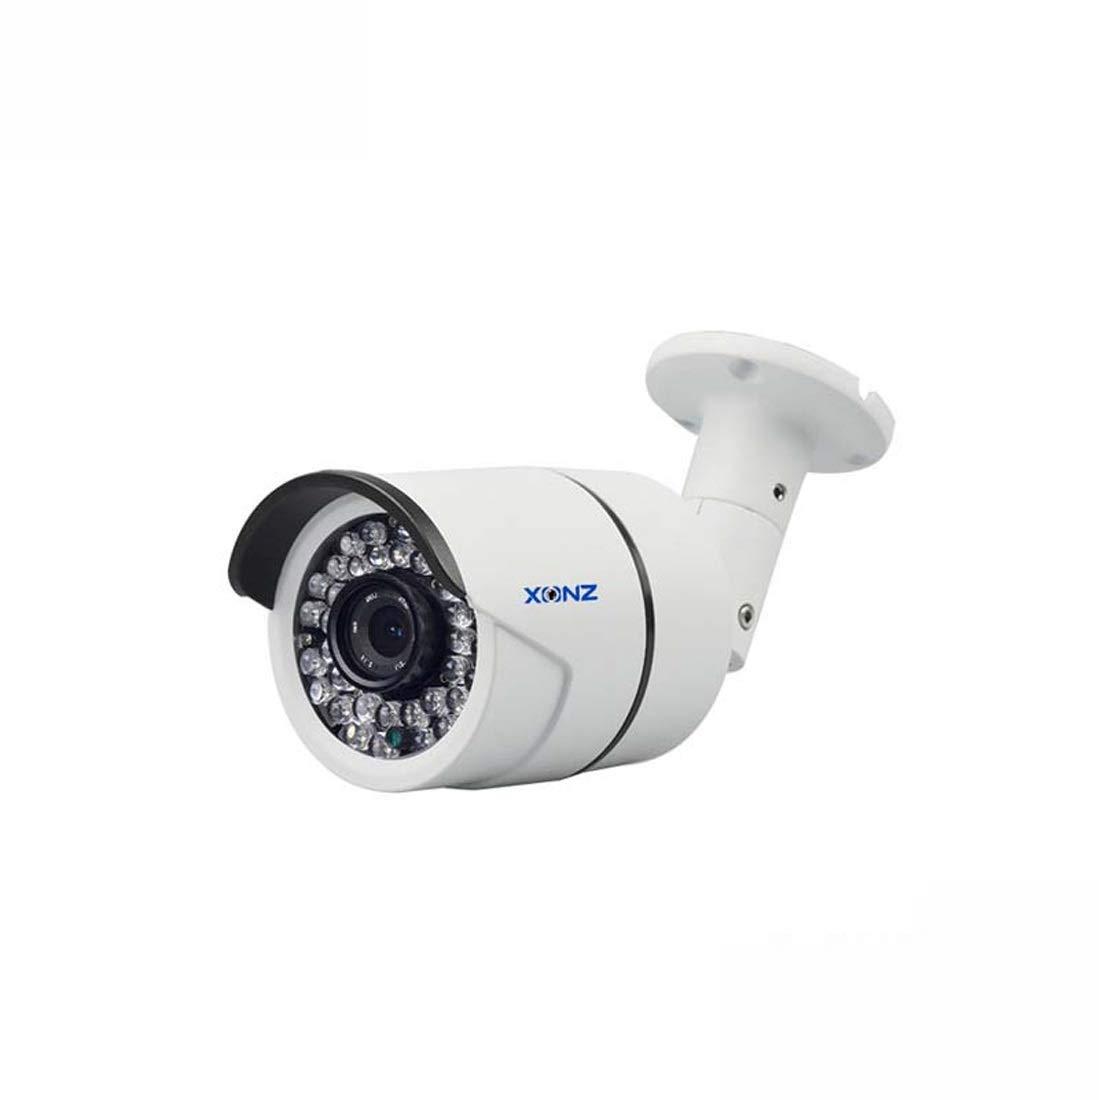 愛用 JPAKIOS 200万台のネットワーク監視カメラセットPOE電源ローストリームストレージでハードディスクを節約   B07QQS8832, ミマチョウ 7754a3dd